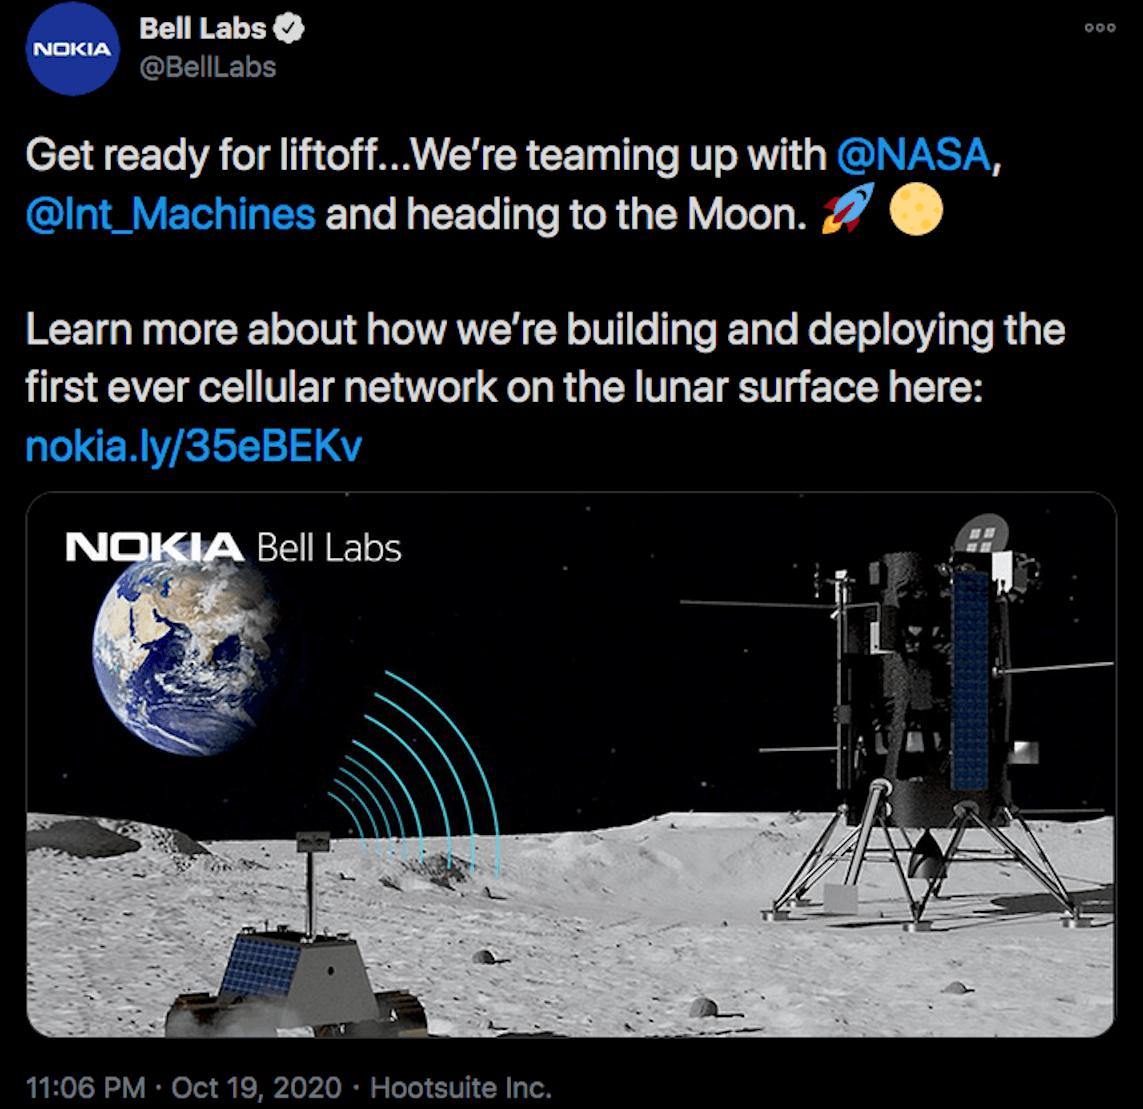 4G sur la Lune Nokia NASA tweet BellLabs